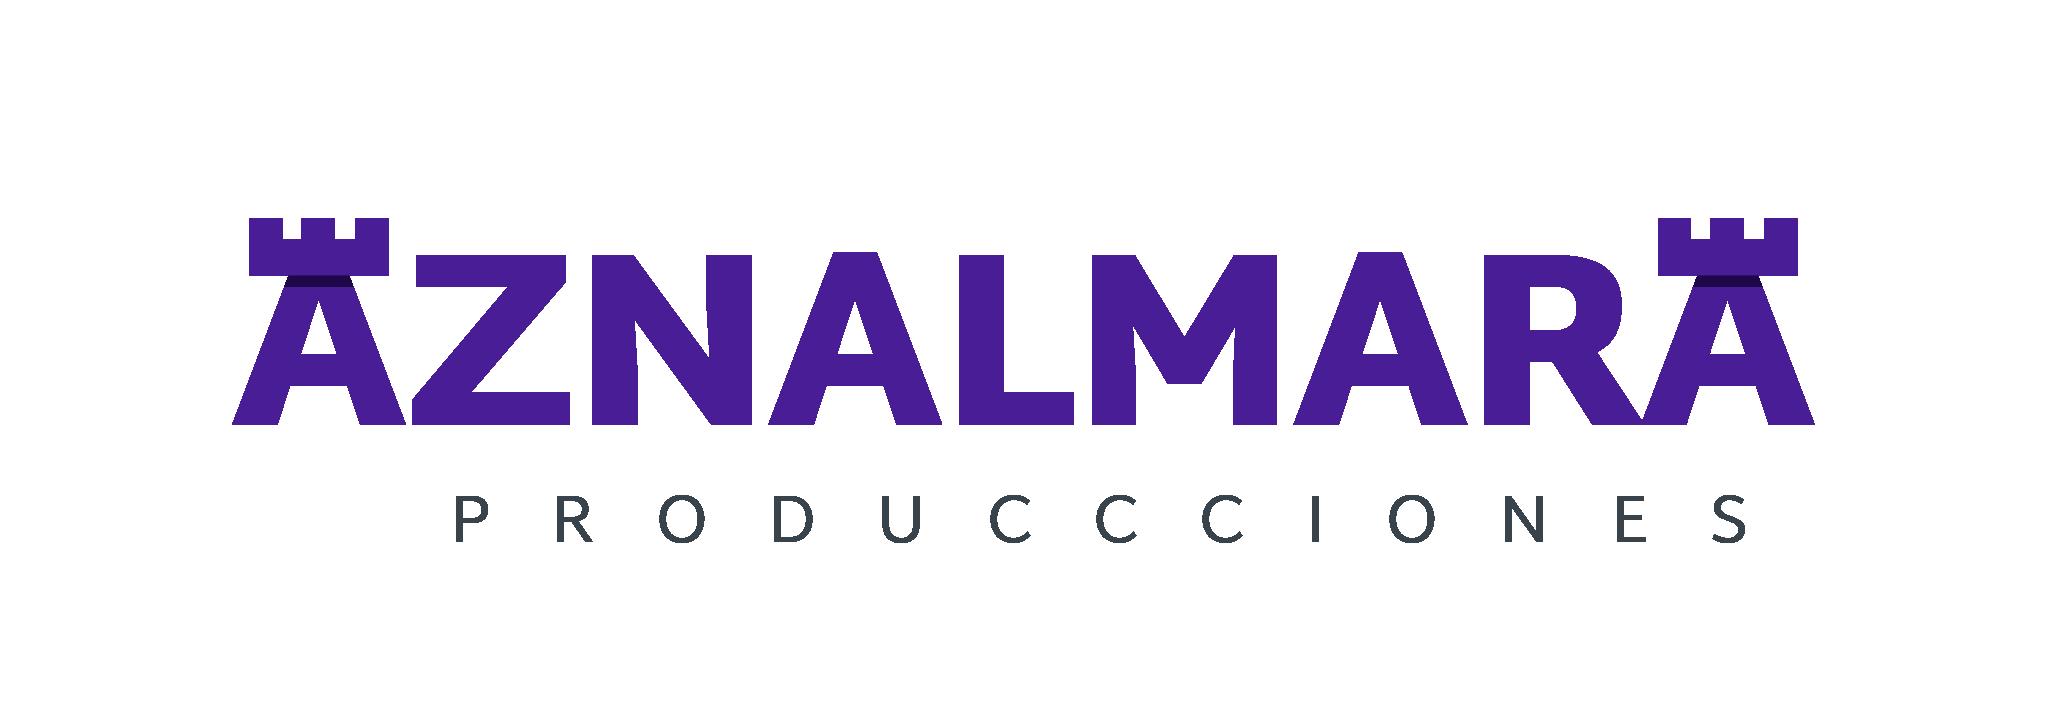 Aznalmara® Design